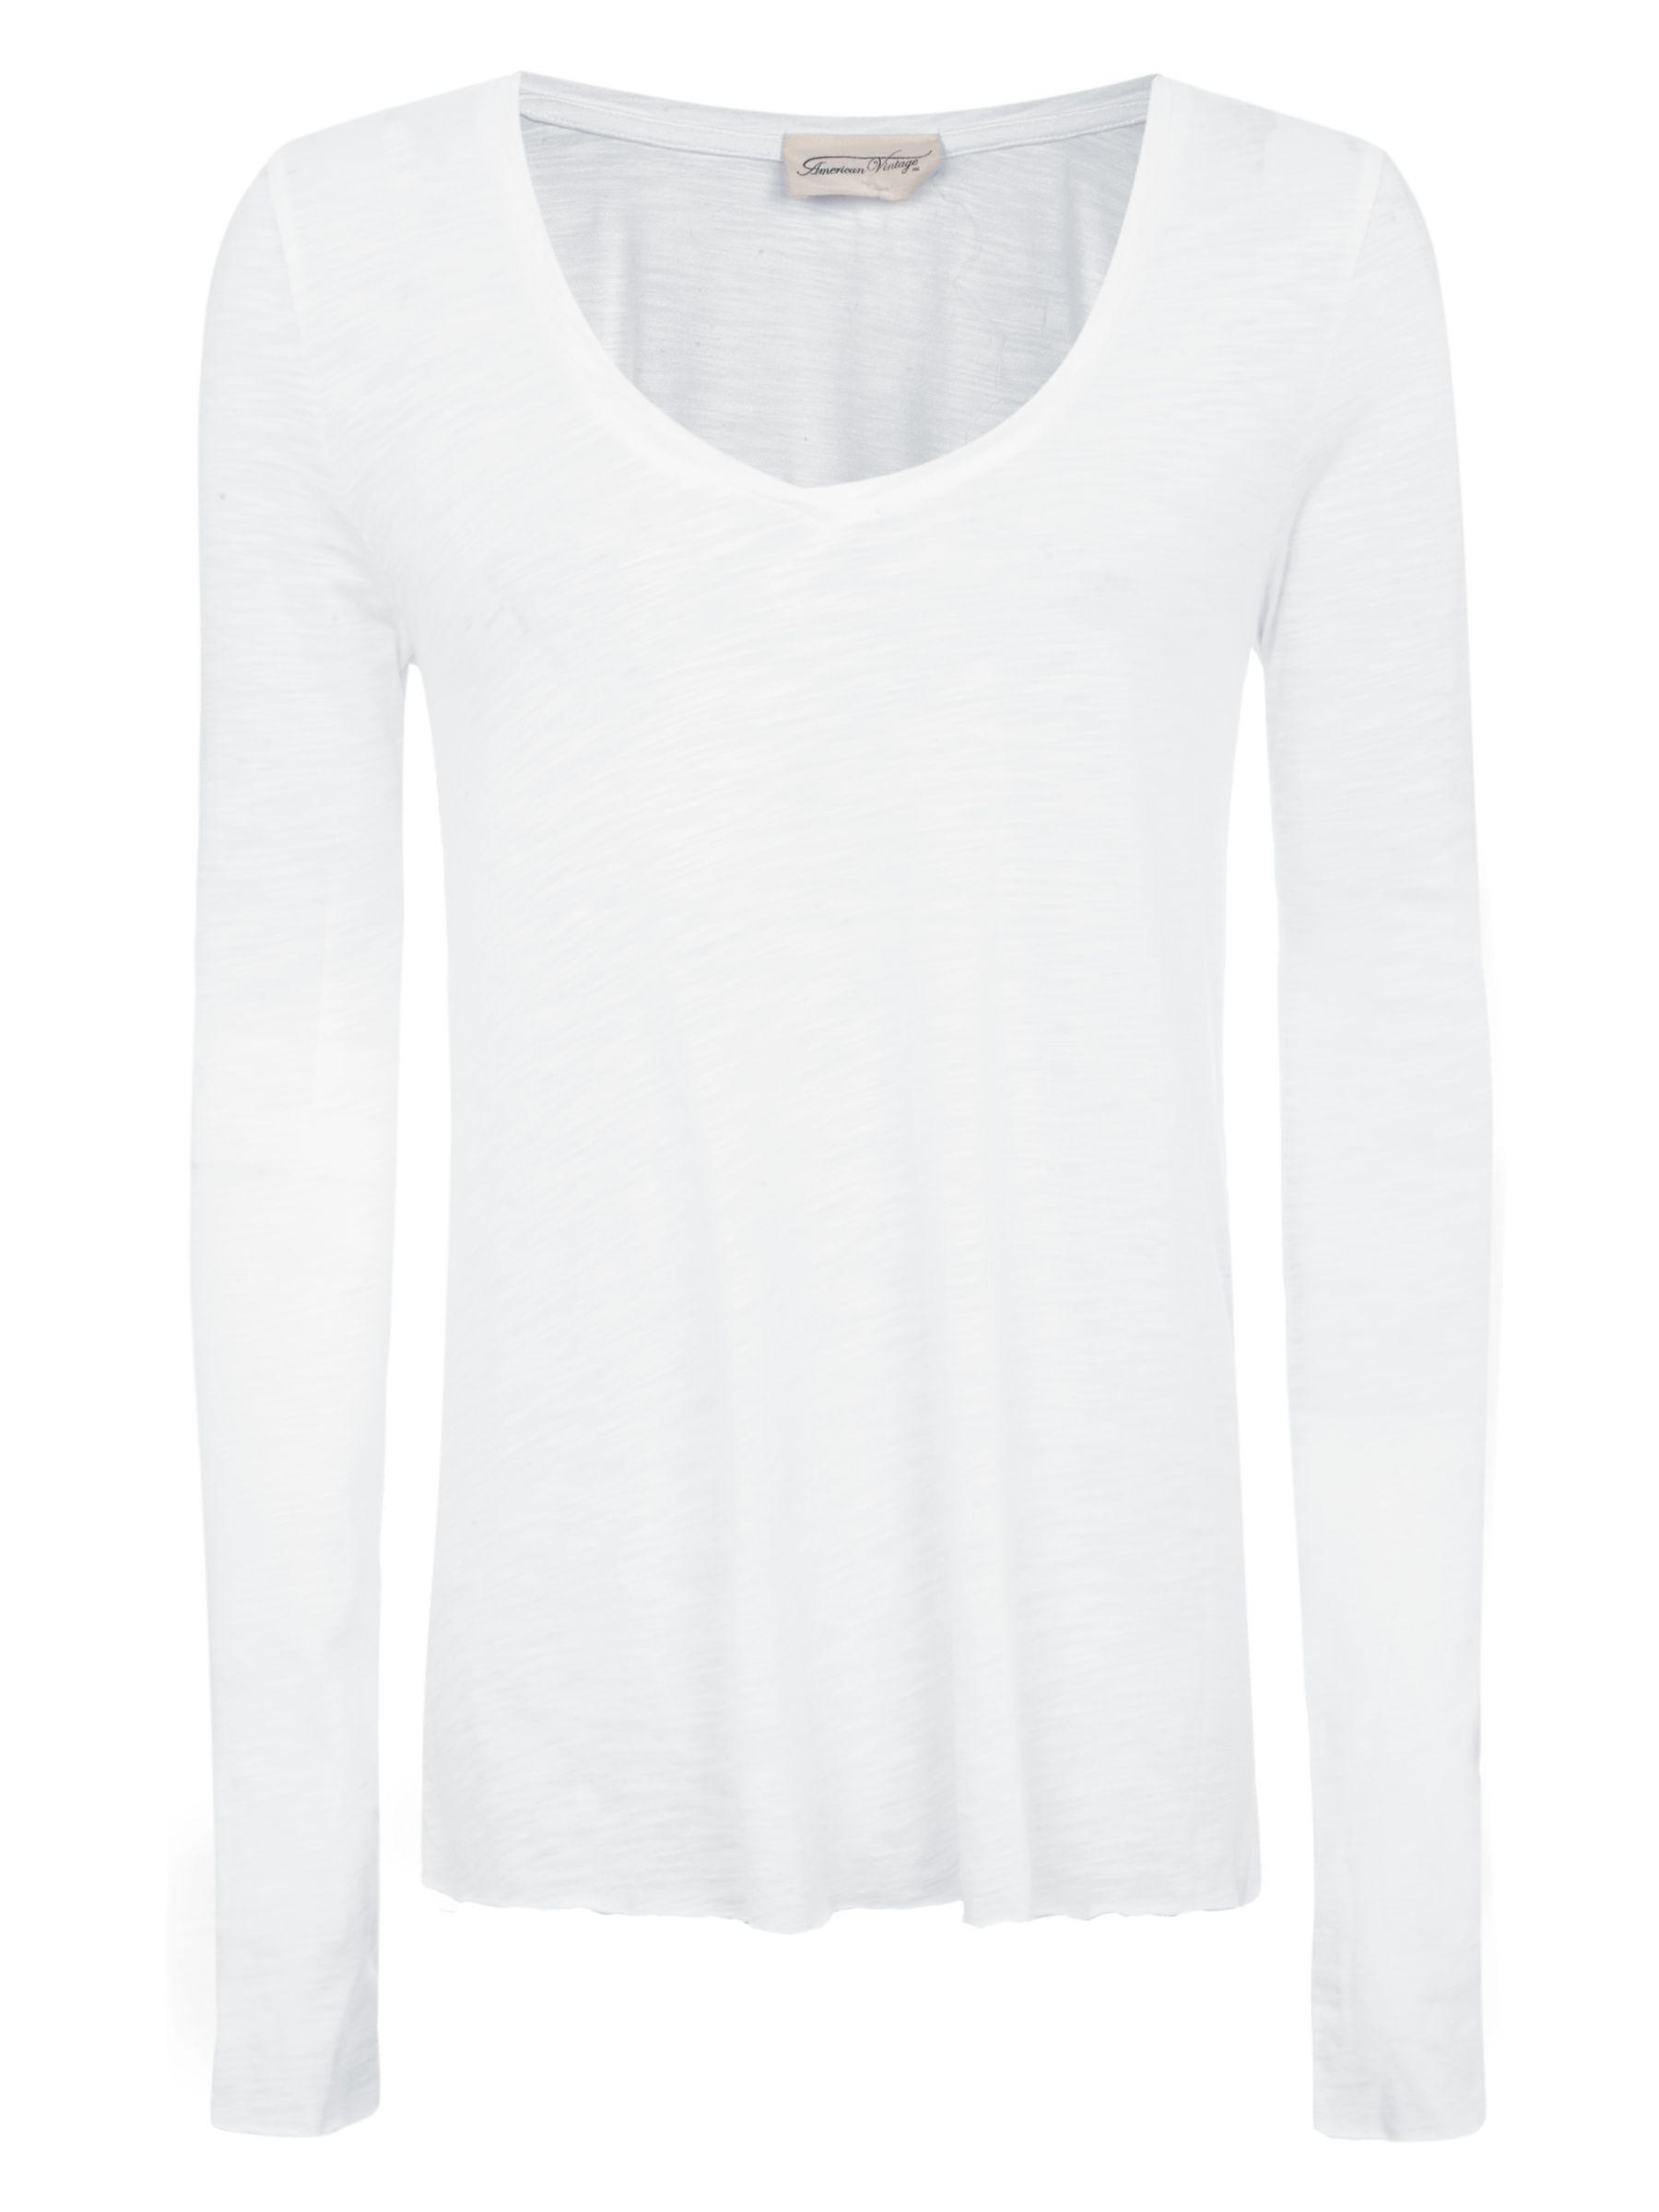 American vintage American Vintage Jacksonville Long Sleeve T-Shirt